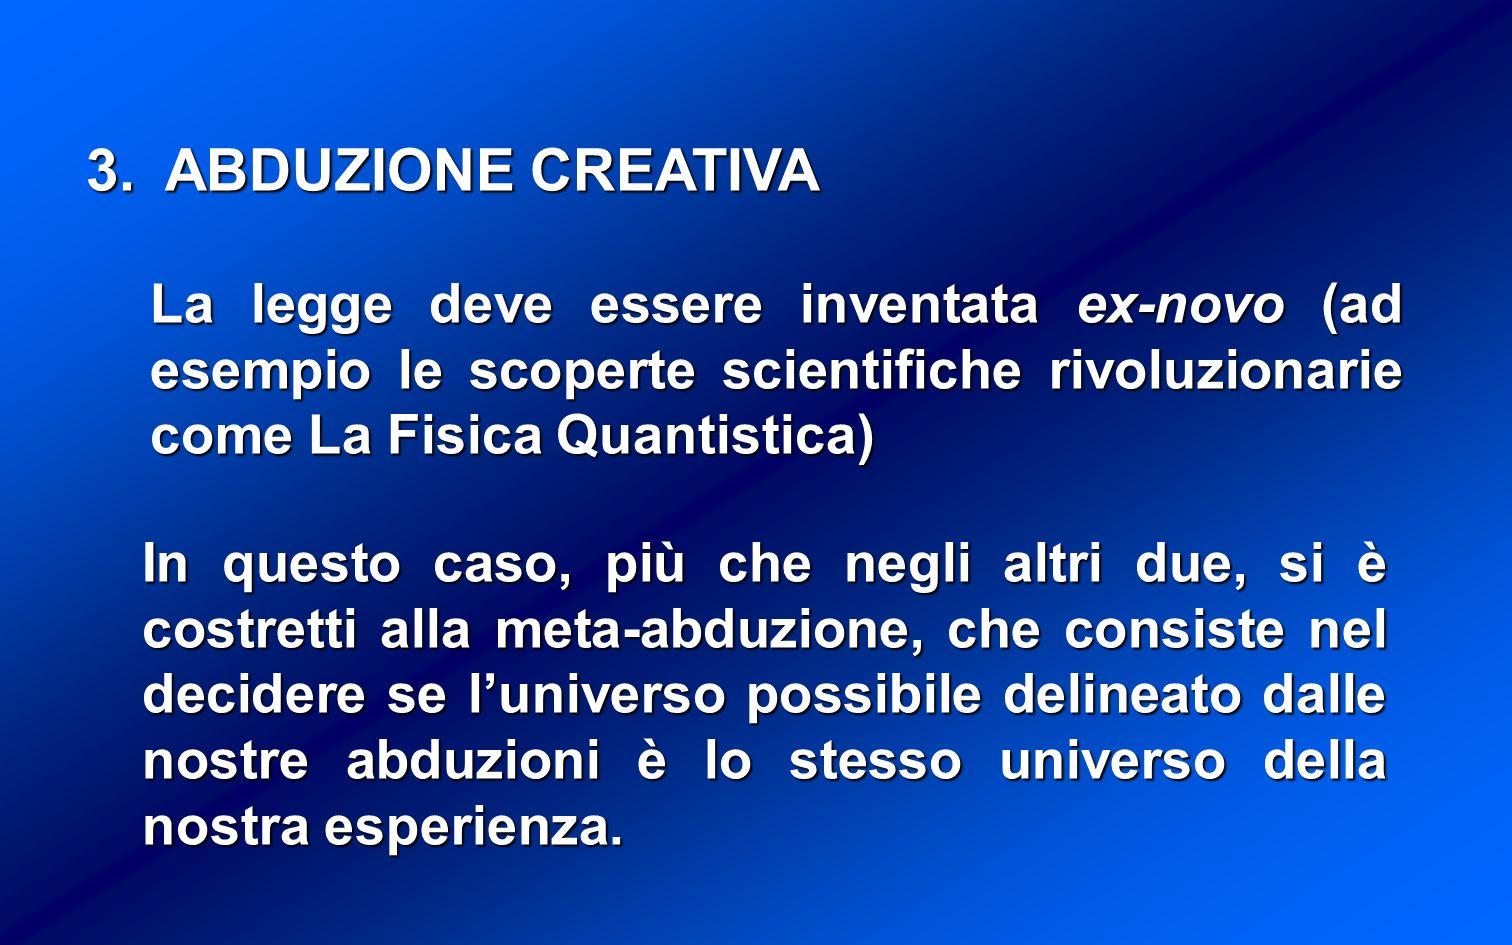 ABDUZIONE CREATIVA La legge deve essere inventata ex-novo (ad esempio le scoperte scientifiche rivoluzionarie come La Fisica Quantistica)